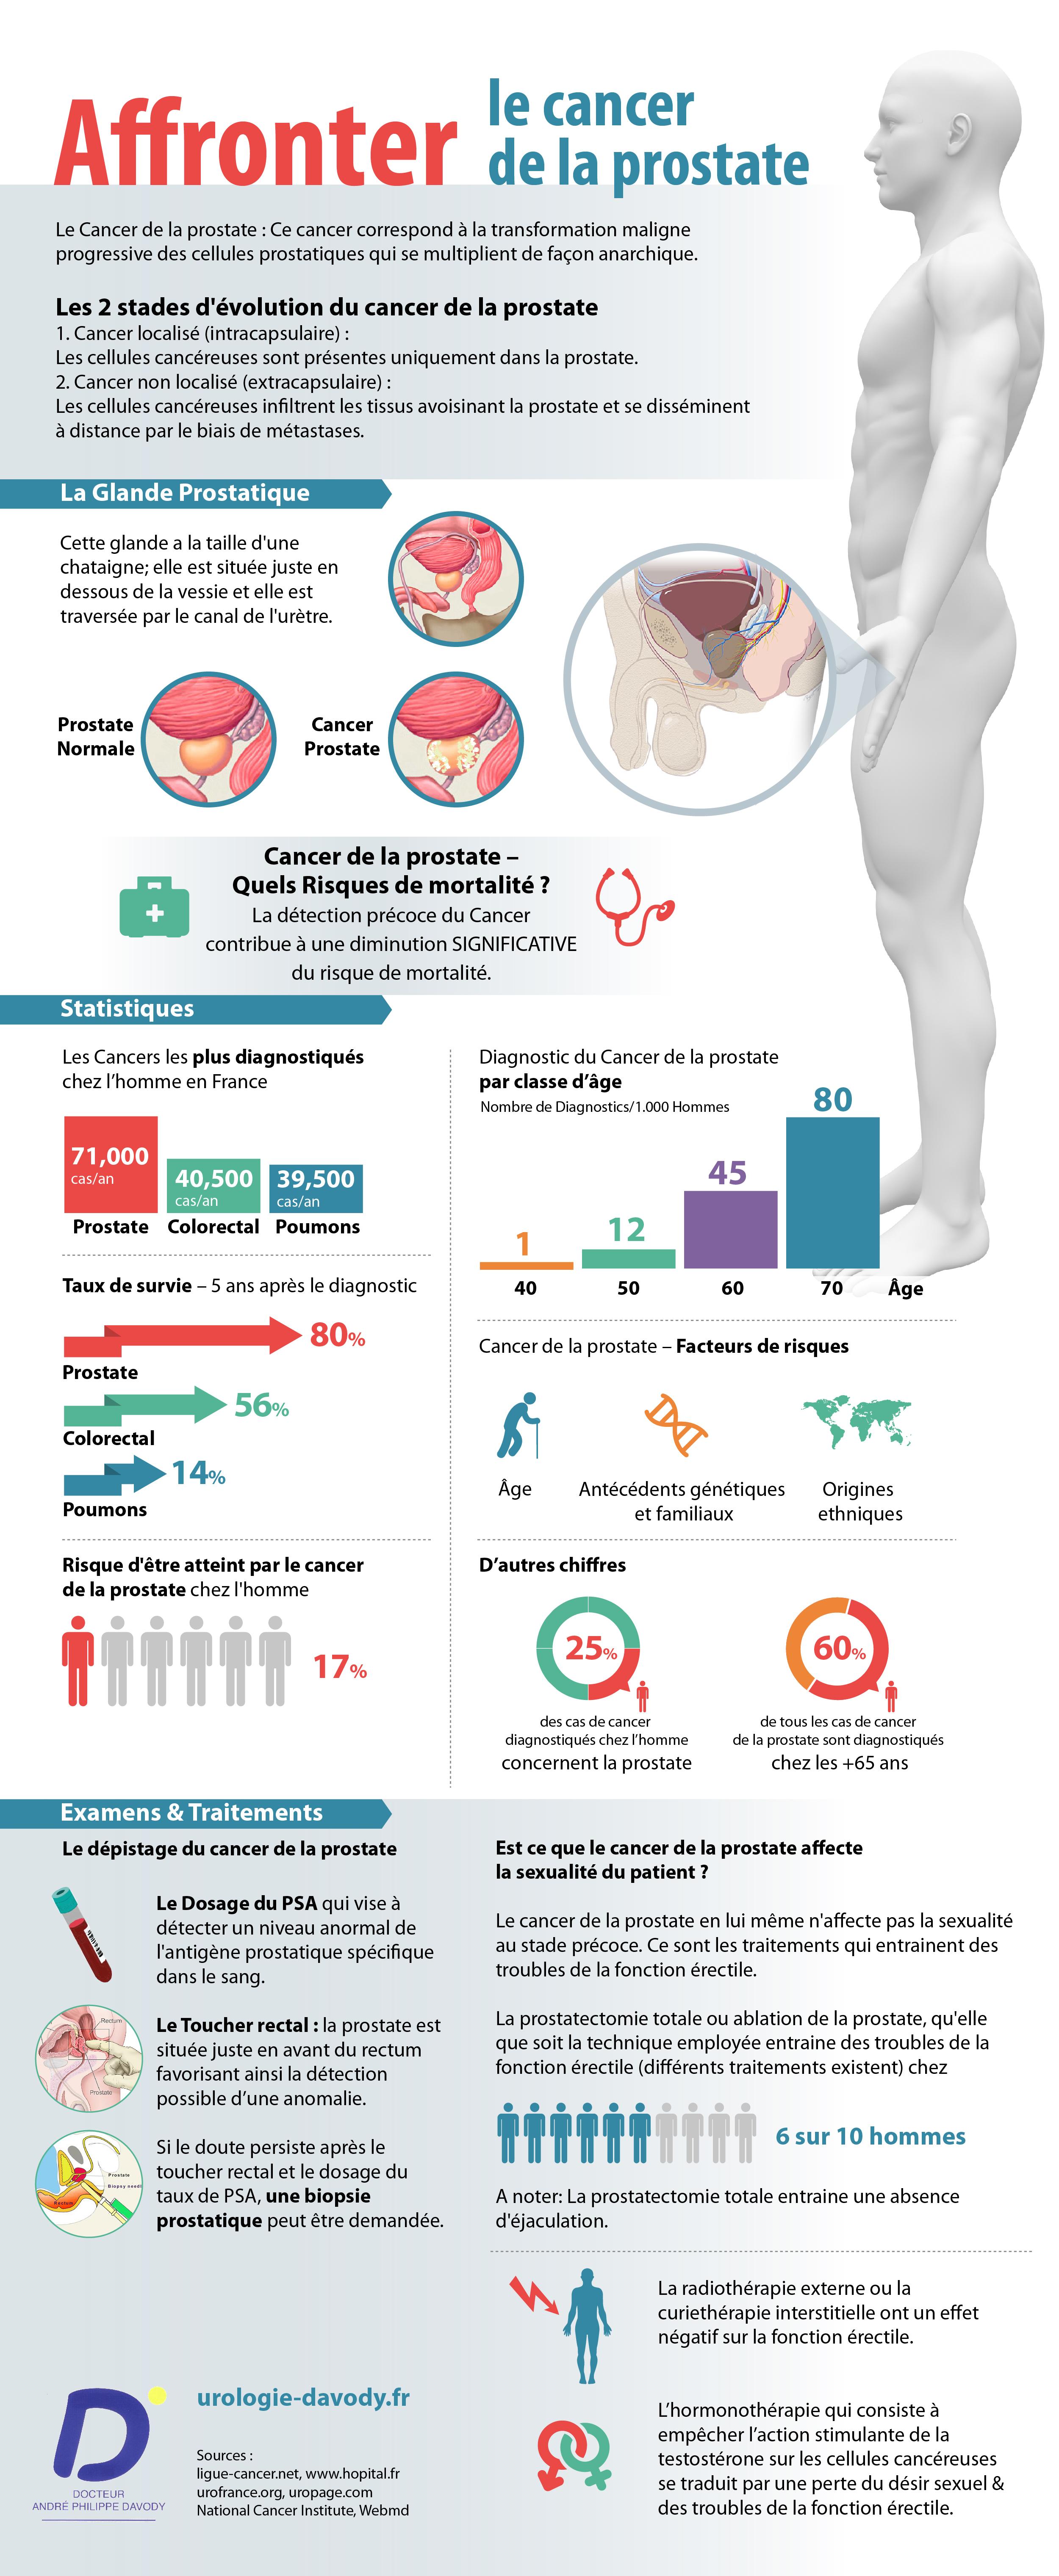 Infographie sur le cancer de la prostate